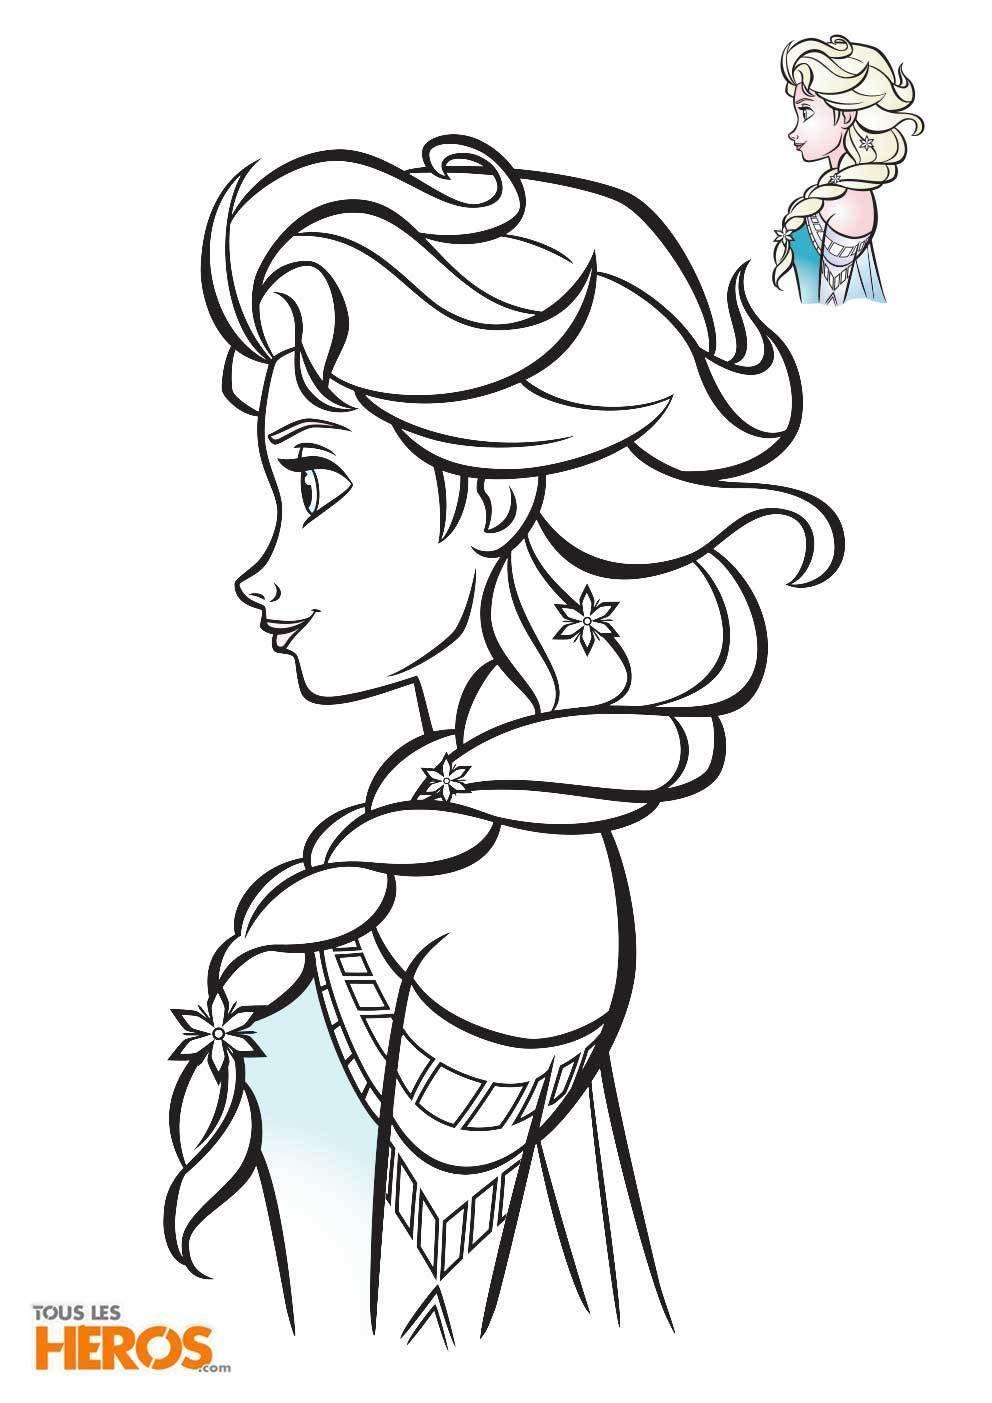 Coloriage La Reine Des Neiges In 2020 Elsa Coloring Pages Disney Princess Coloring Pages Frozen Coloring Pages